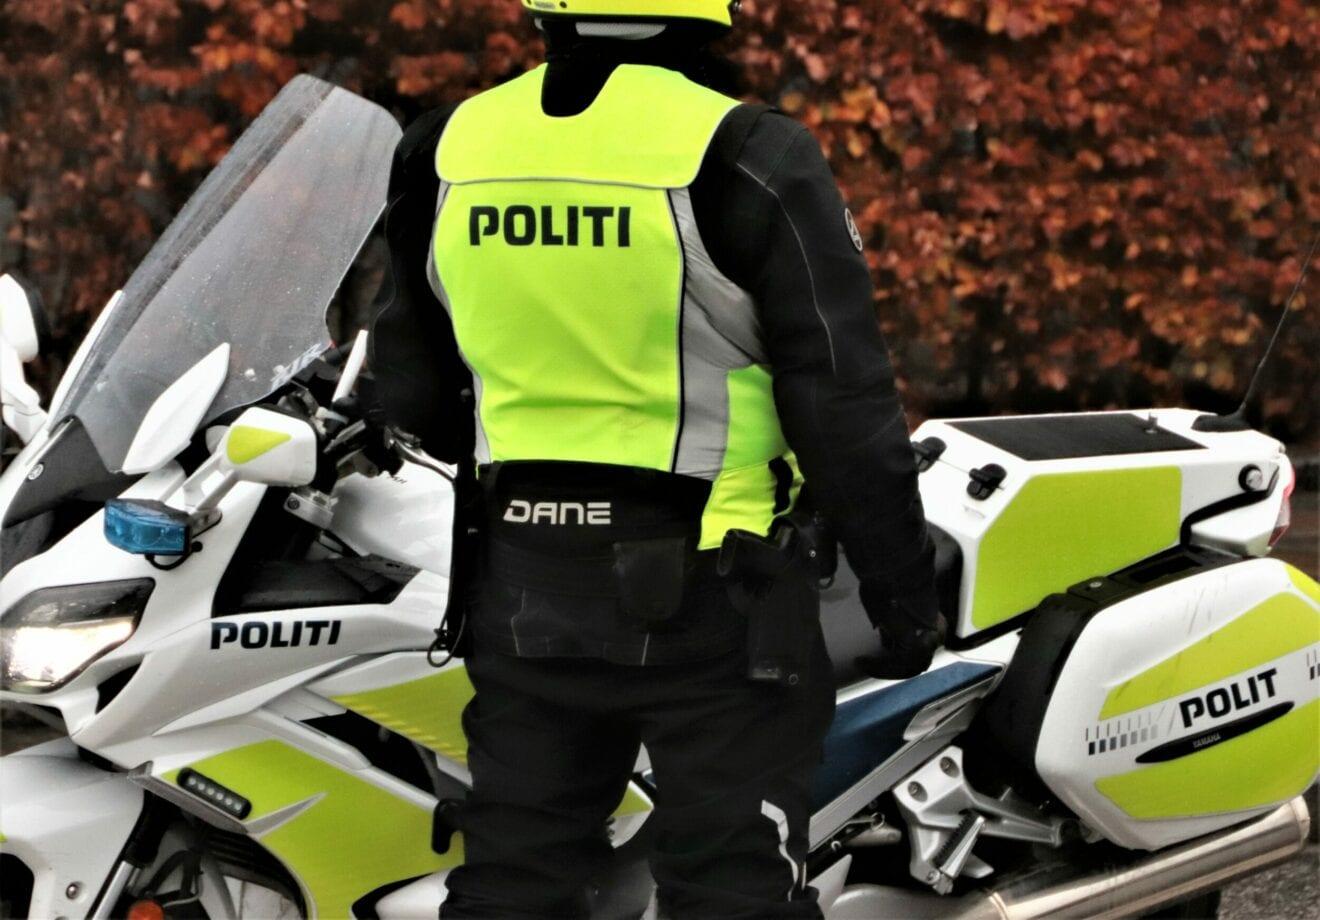 Politirapporten for Lyngby Kommune i tidsrummet 2021-05-12 til 2021-05-25